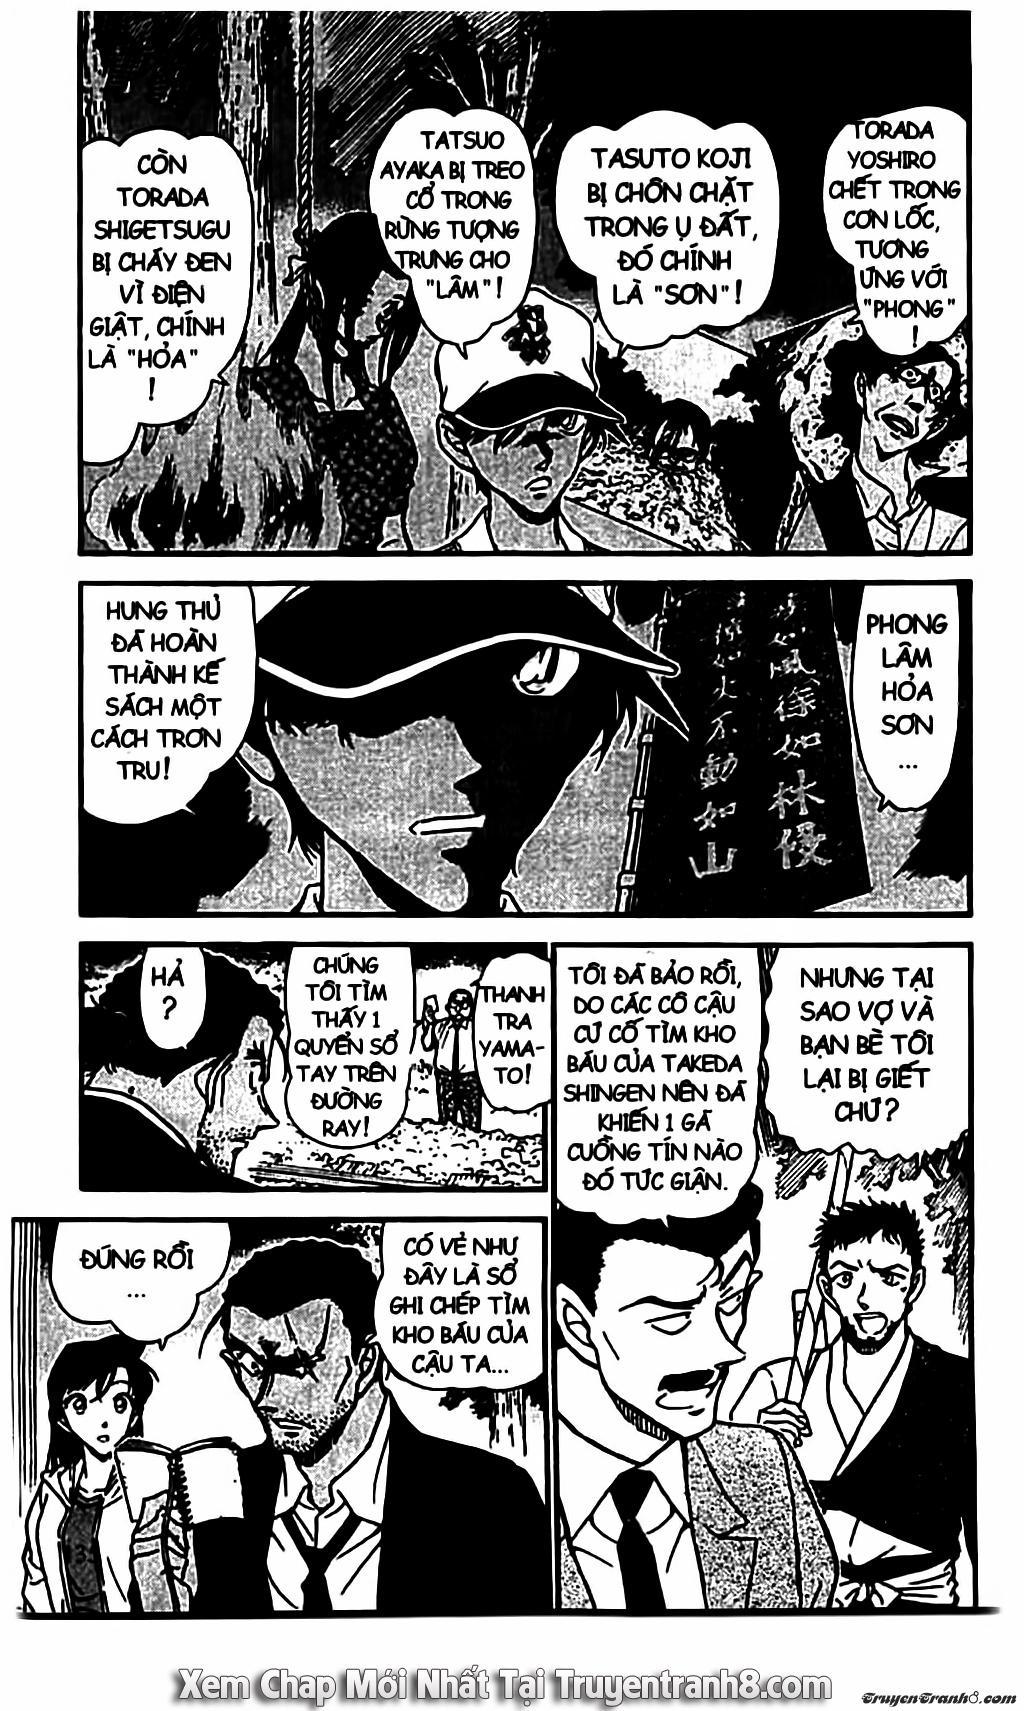 Thám Tử Lừng Danh Conan: Conan - thám tử lừng danh chap 617